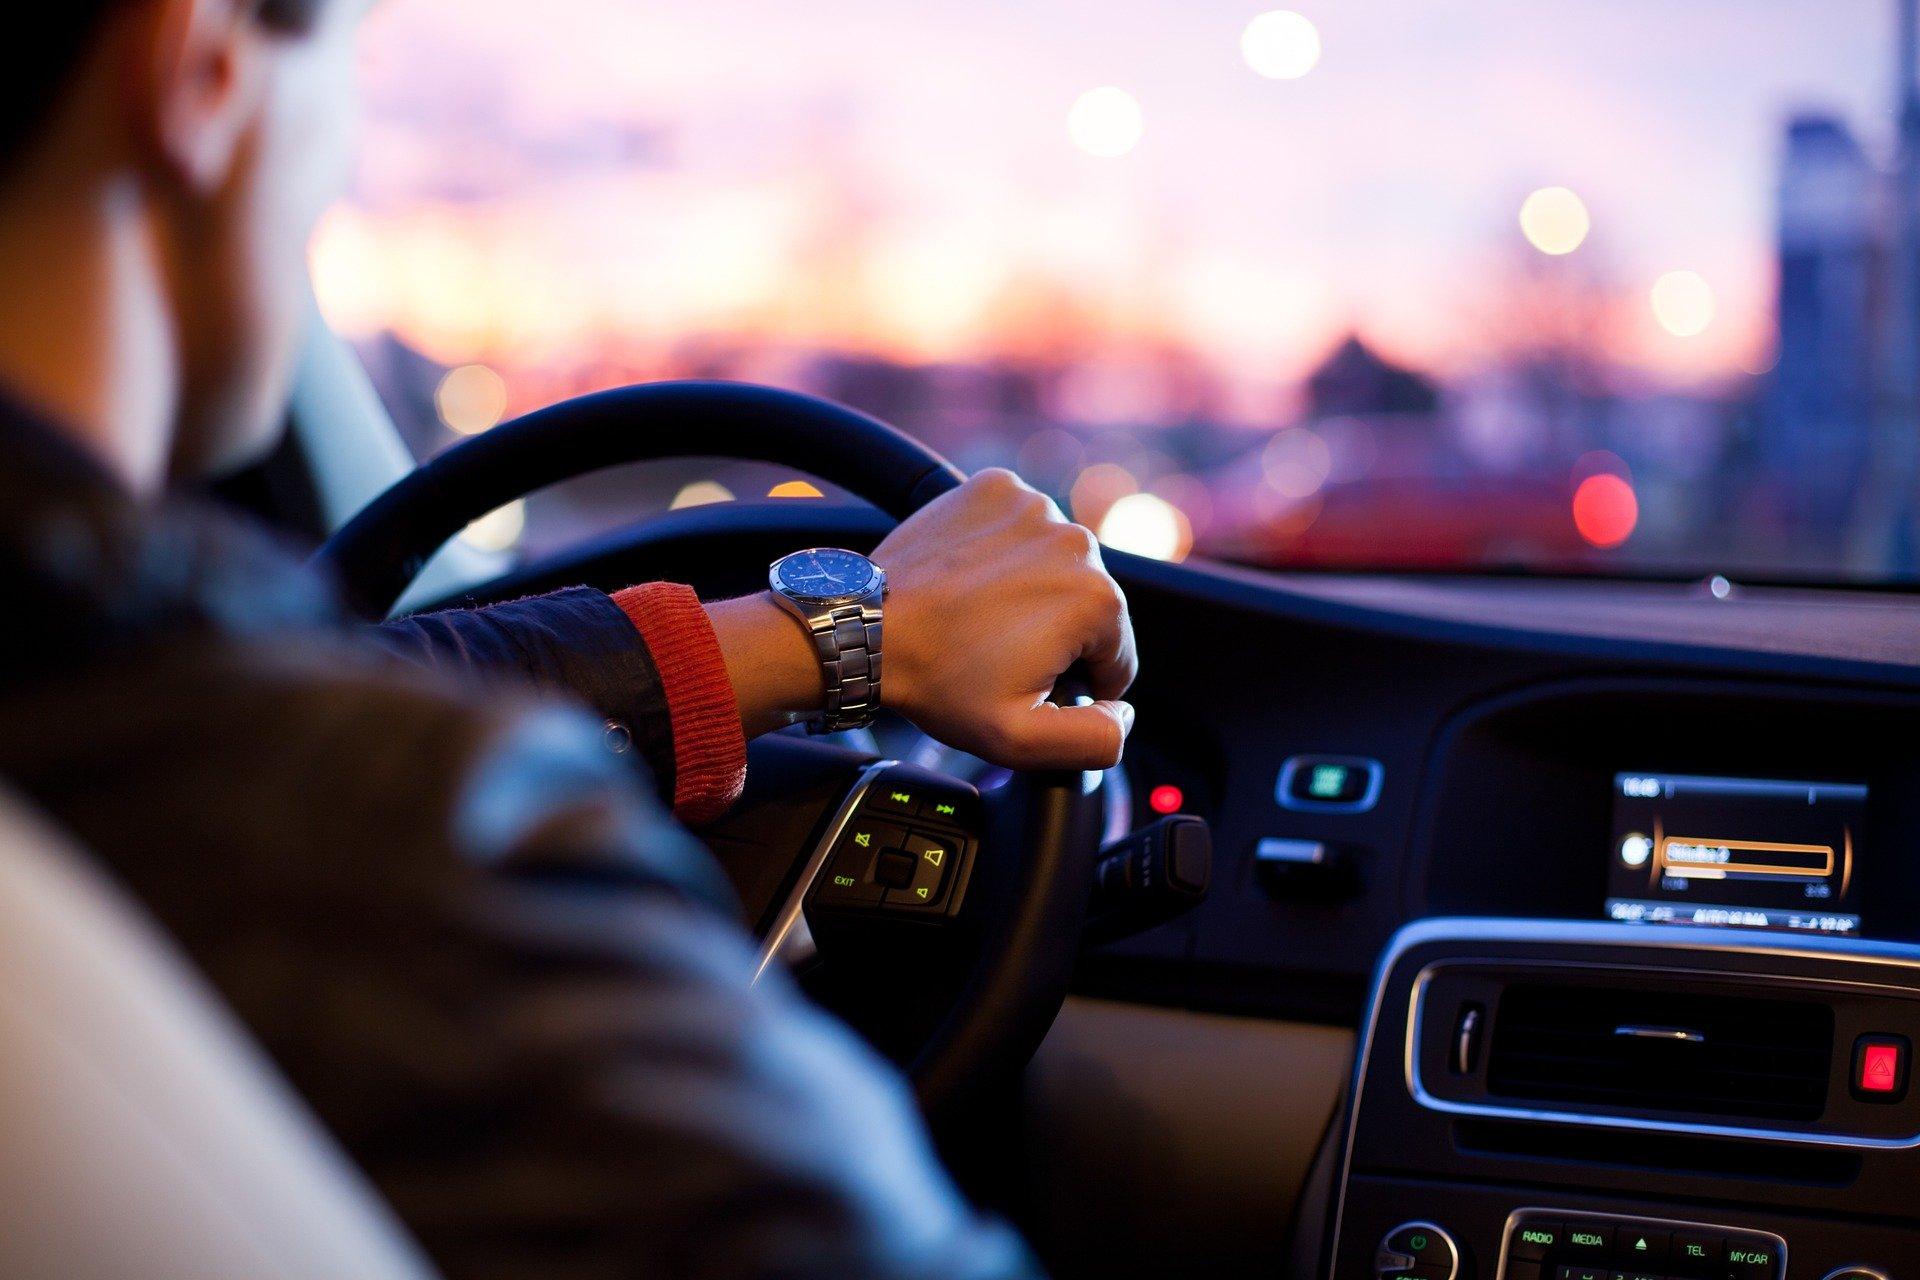 Supera el miedo a conducir con estos consejos y hábitos